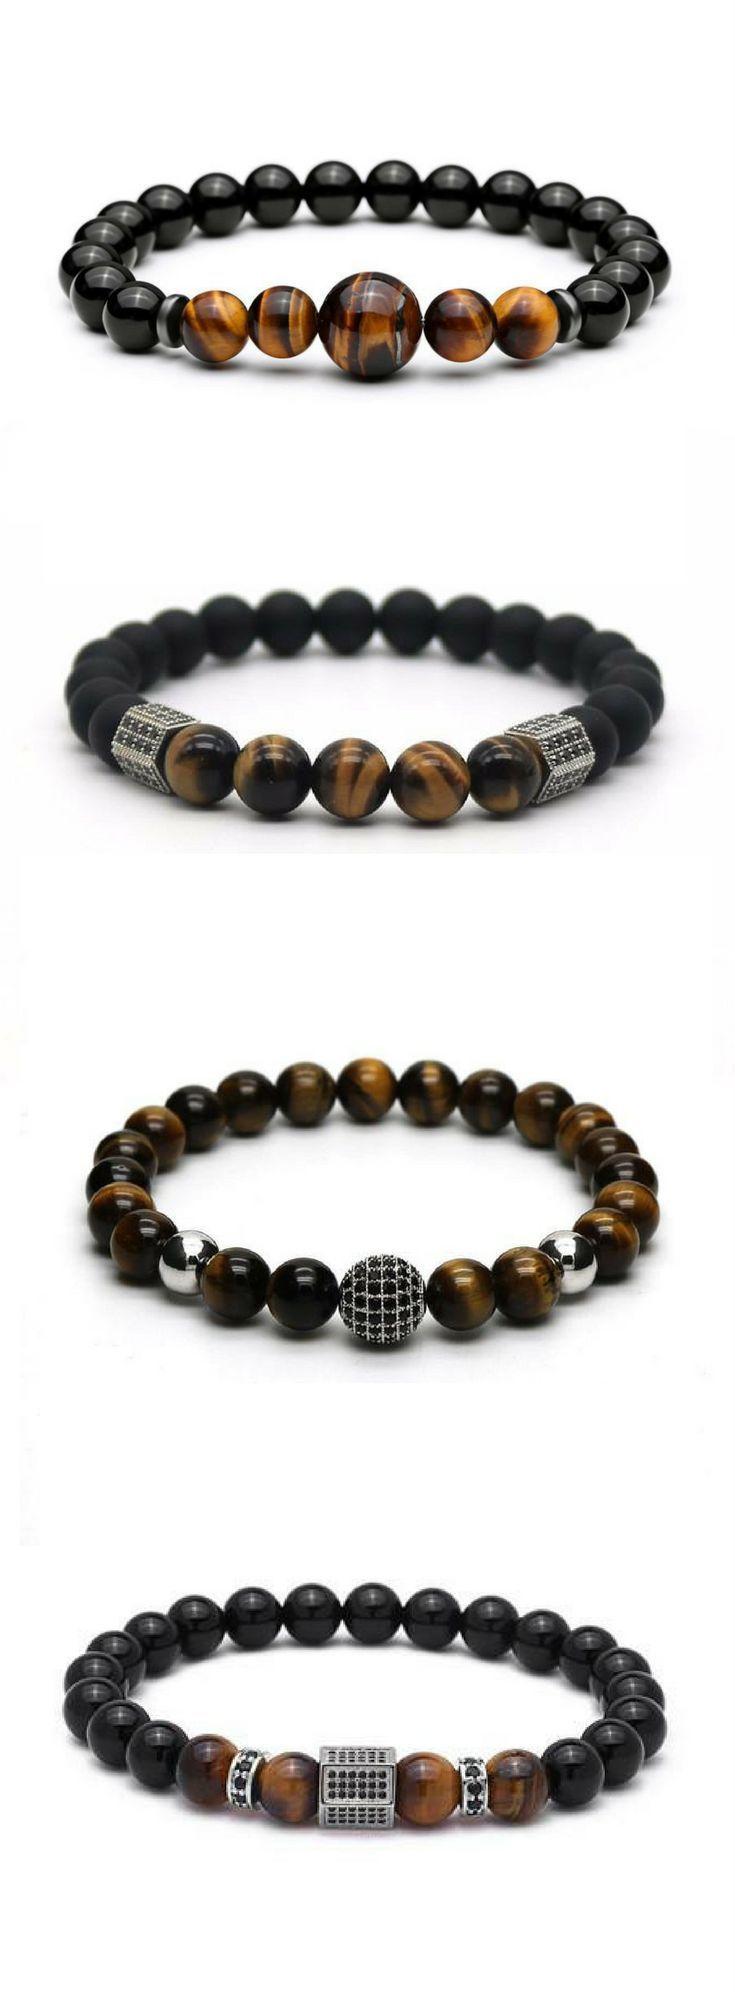 Mens Beaded Bracelets. Sale & Free worldwide shipping.